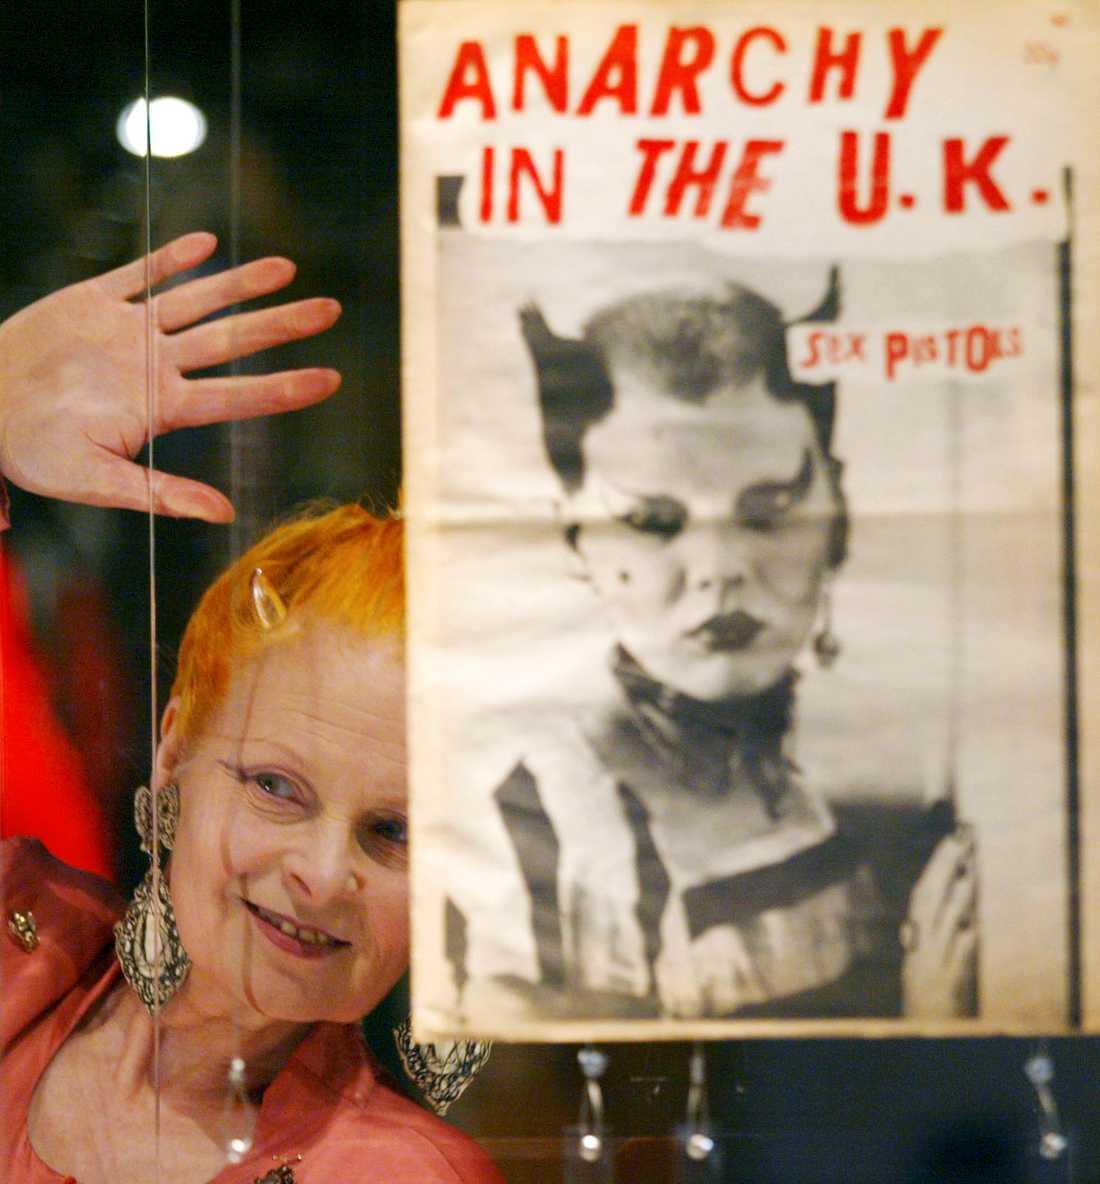 Den brittiska modeikonen Vivienne Westwood började sin bana med att designa t-shirts under punkeran.